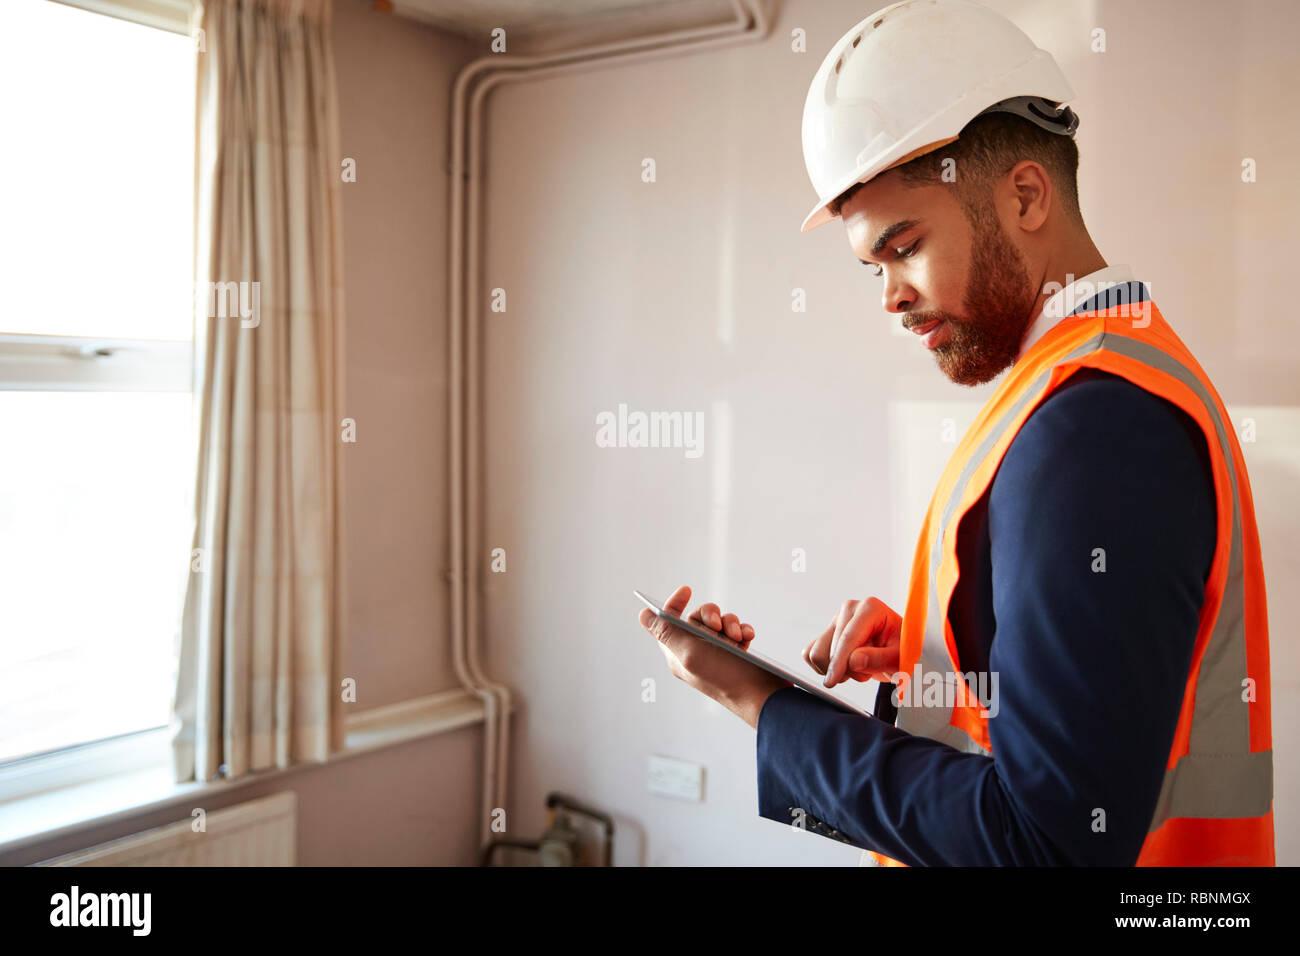 Geometra In elmetto e di alta visibilità giacca con tavoletta digitale effettuare ispezioni Casa Immagini Stock